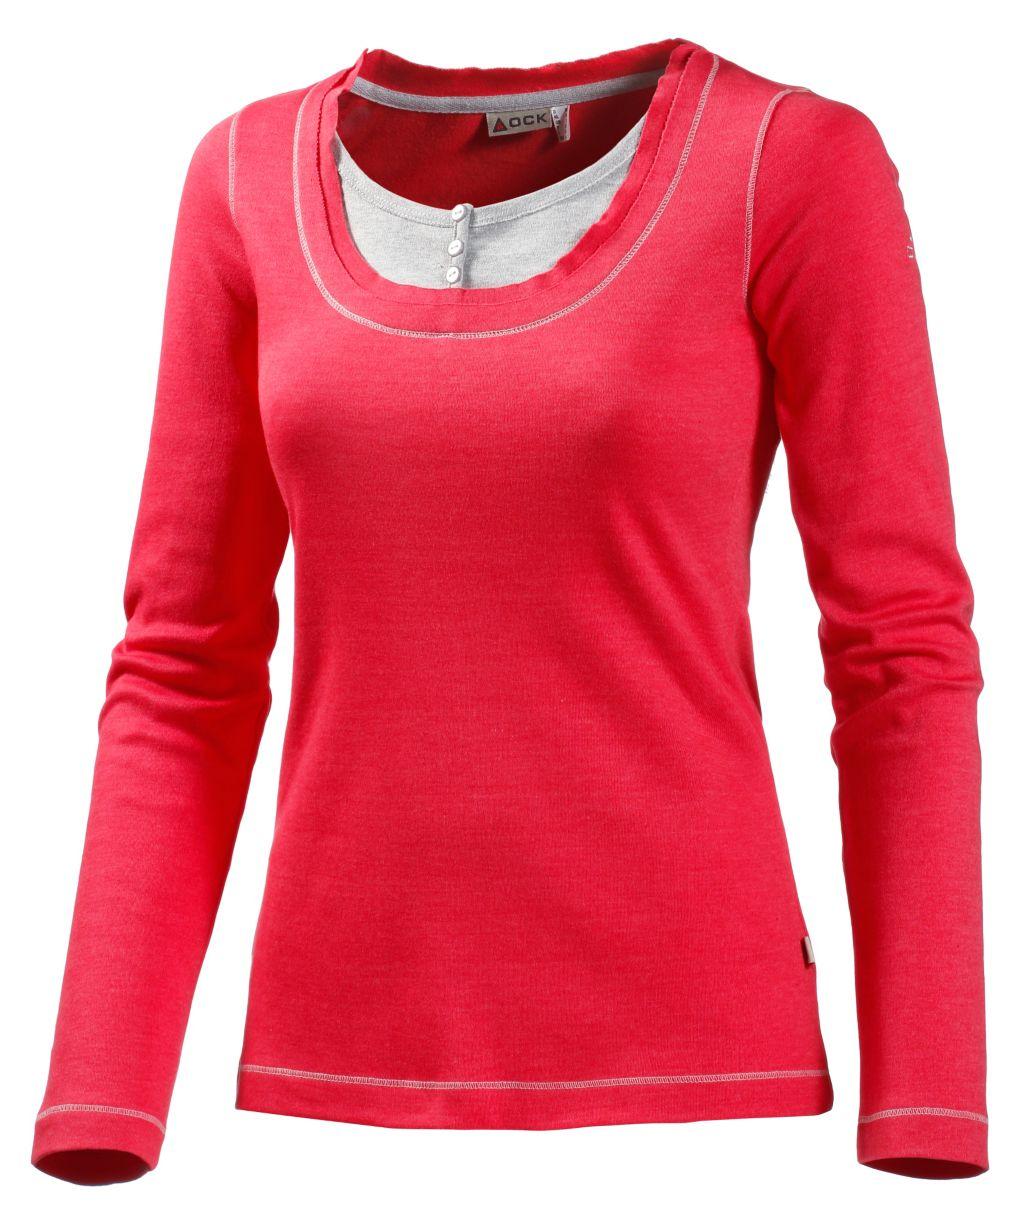 Artikel klicken und genauer betrachten! - OCK Langarmshirt im 2-in-1 Look. Einsatz mit Knopfleiste am Ausschnitt; kontrastfarbige Flatlocknähte; 100% Baumwolle (Biobaumwolle).   im Online Shop kaufen